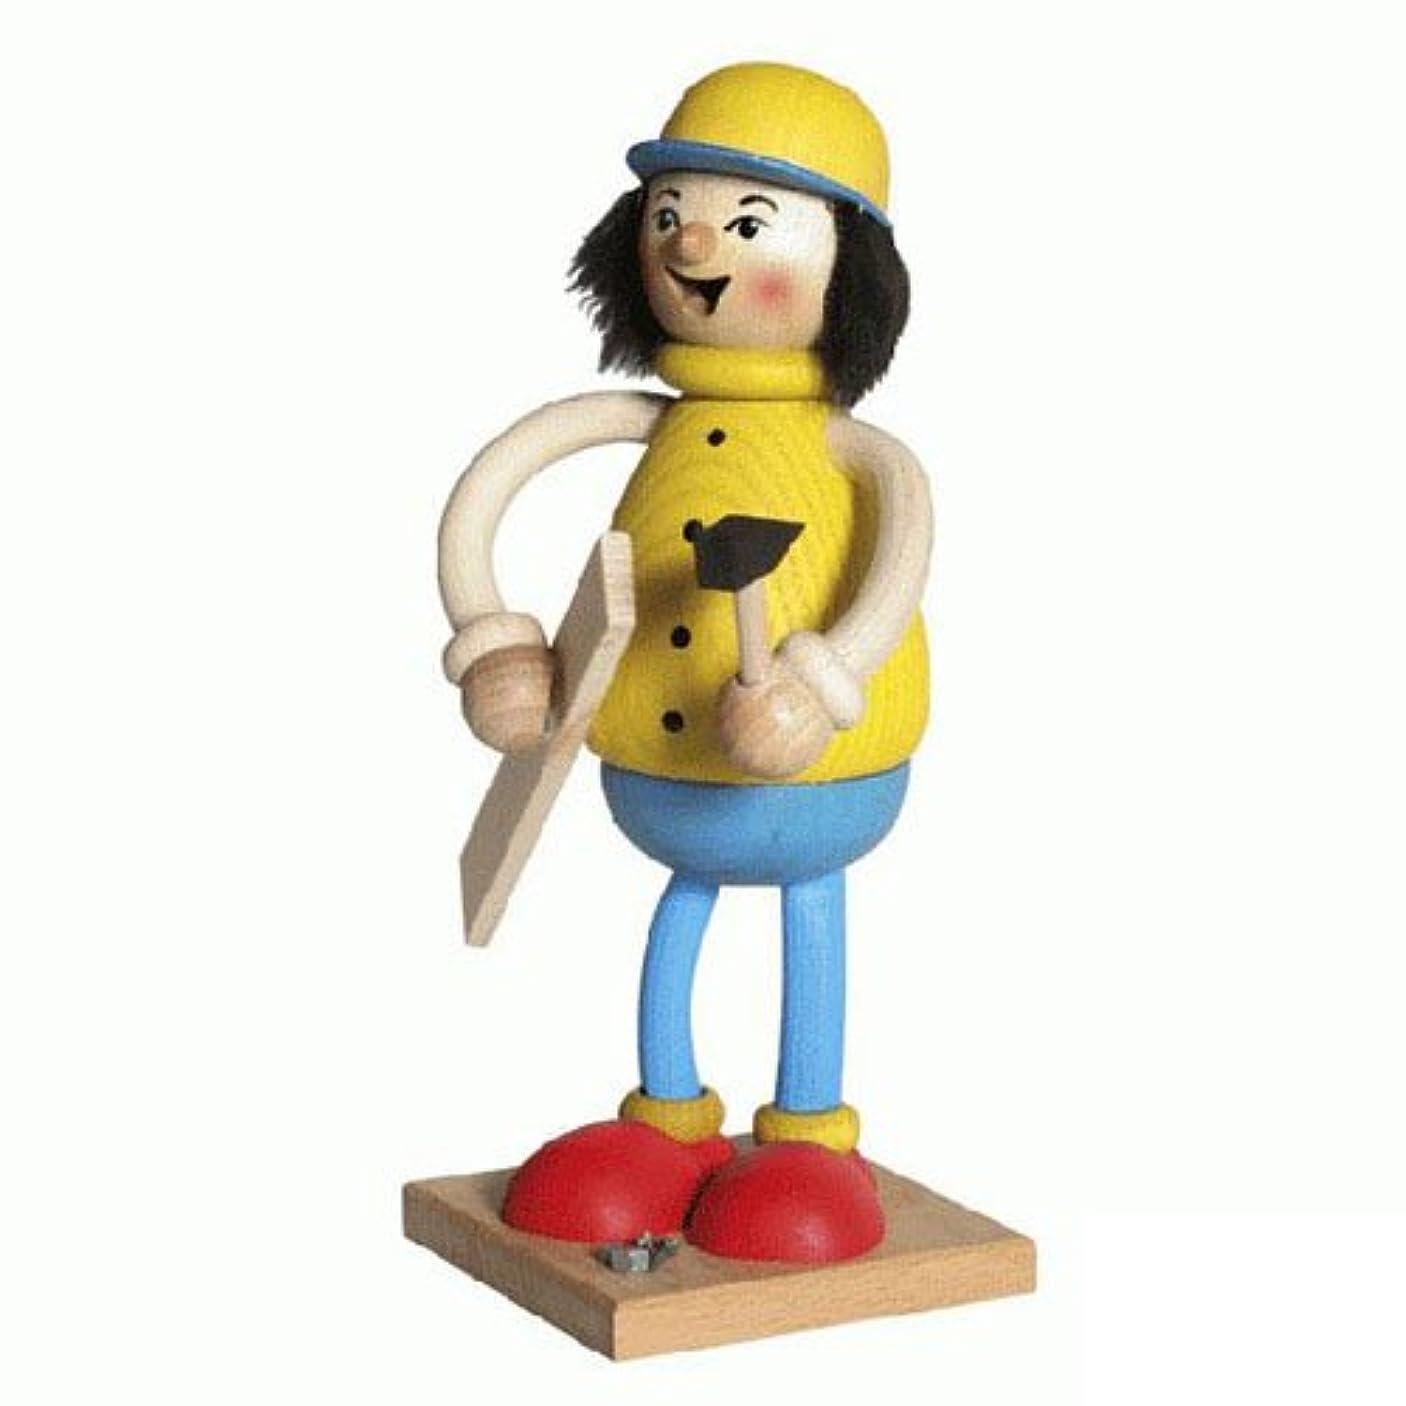 保守可能故国バーマド39096 Kuhnert(クーネルト) ミニパイプ人形香炉 DIY